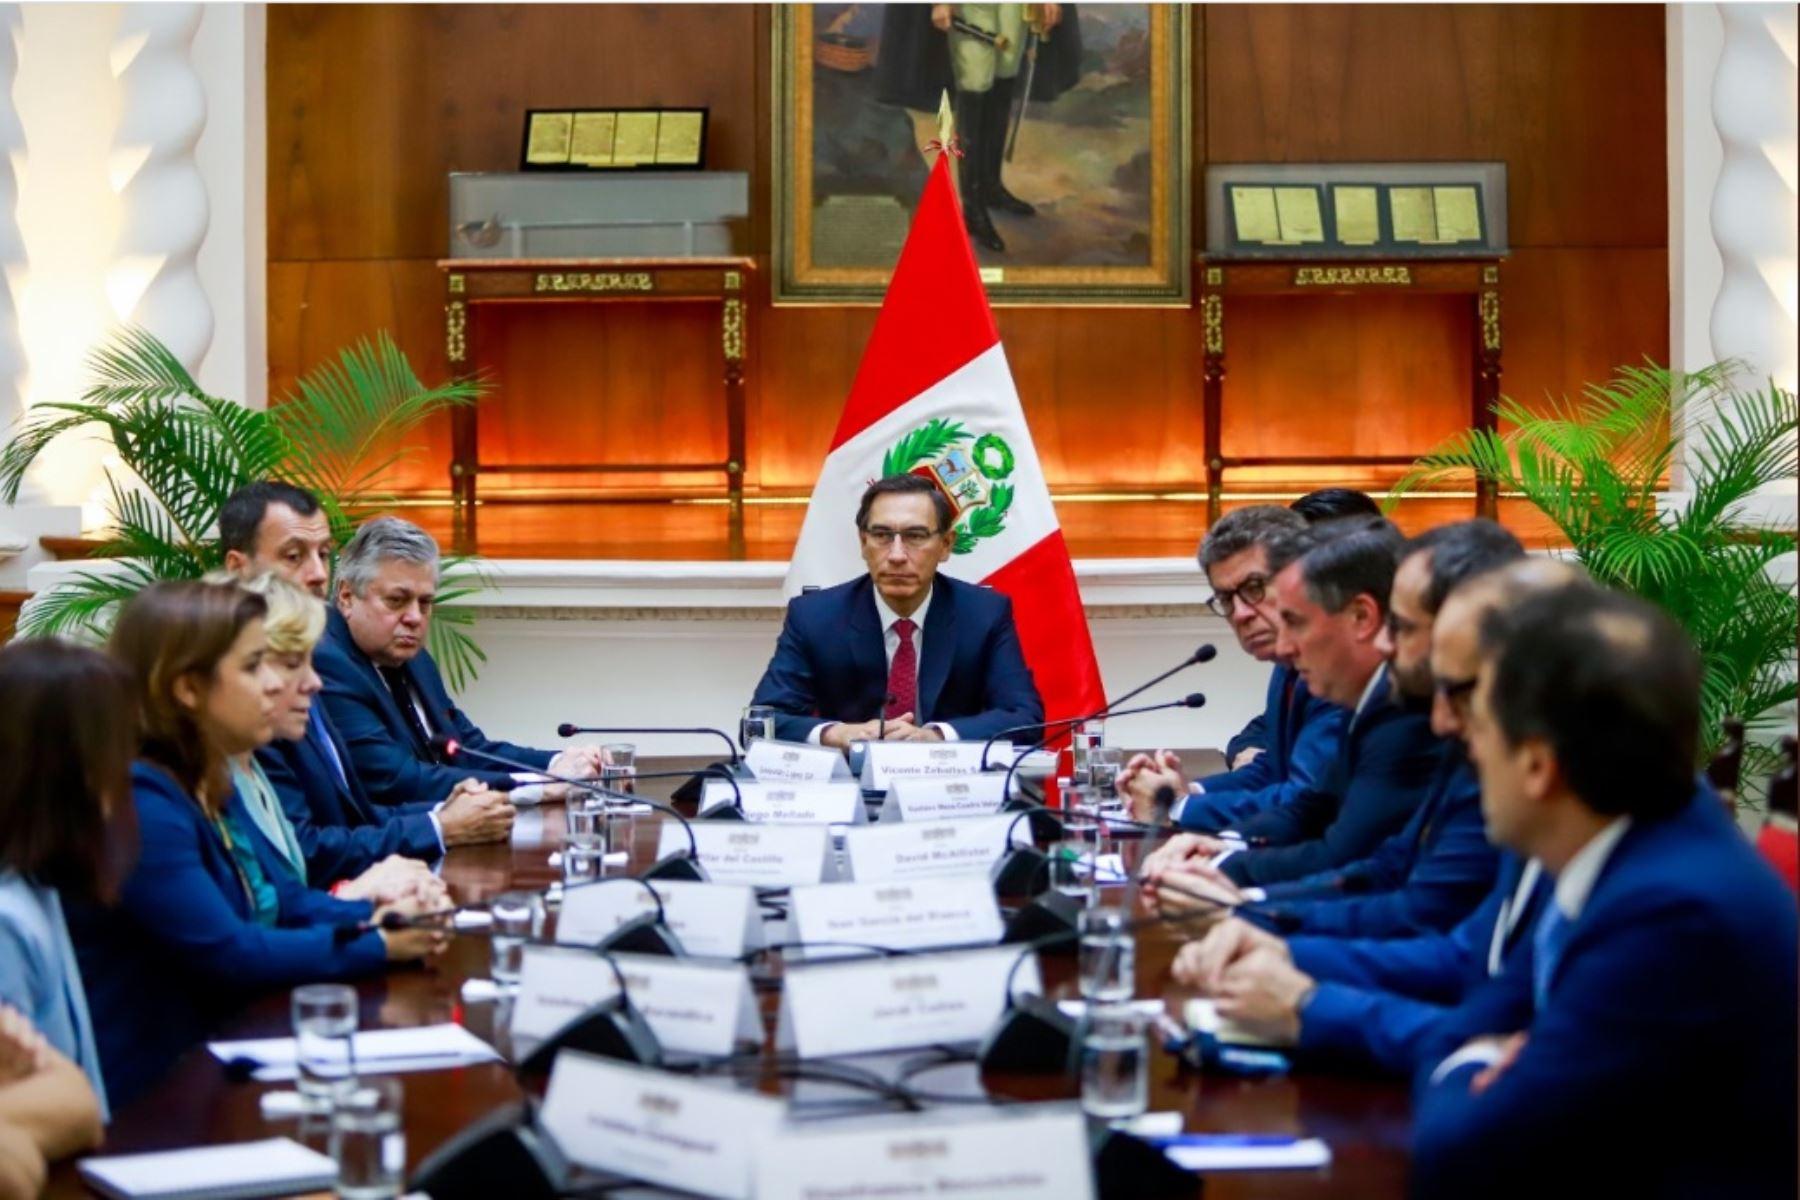 Presidente Martín Vizcarra, se reunió con integrantes de la Misión de Observación Electoral de la Unión Europea.